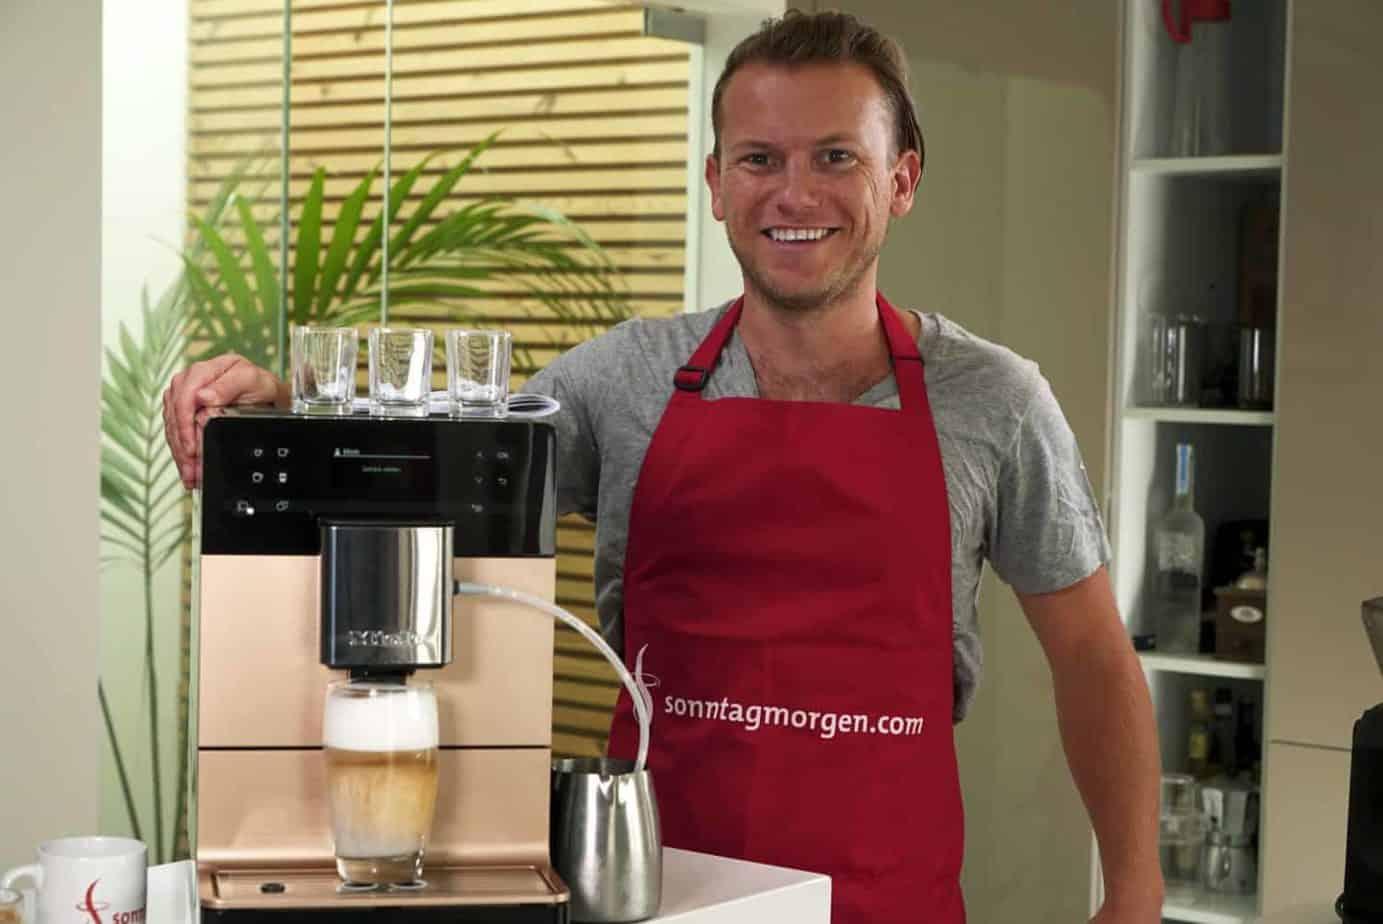 Miele CM 5500 Kaffeevollautomat im Test 2020: Gute Qualität im tollen Design